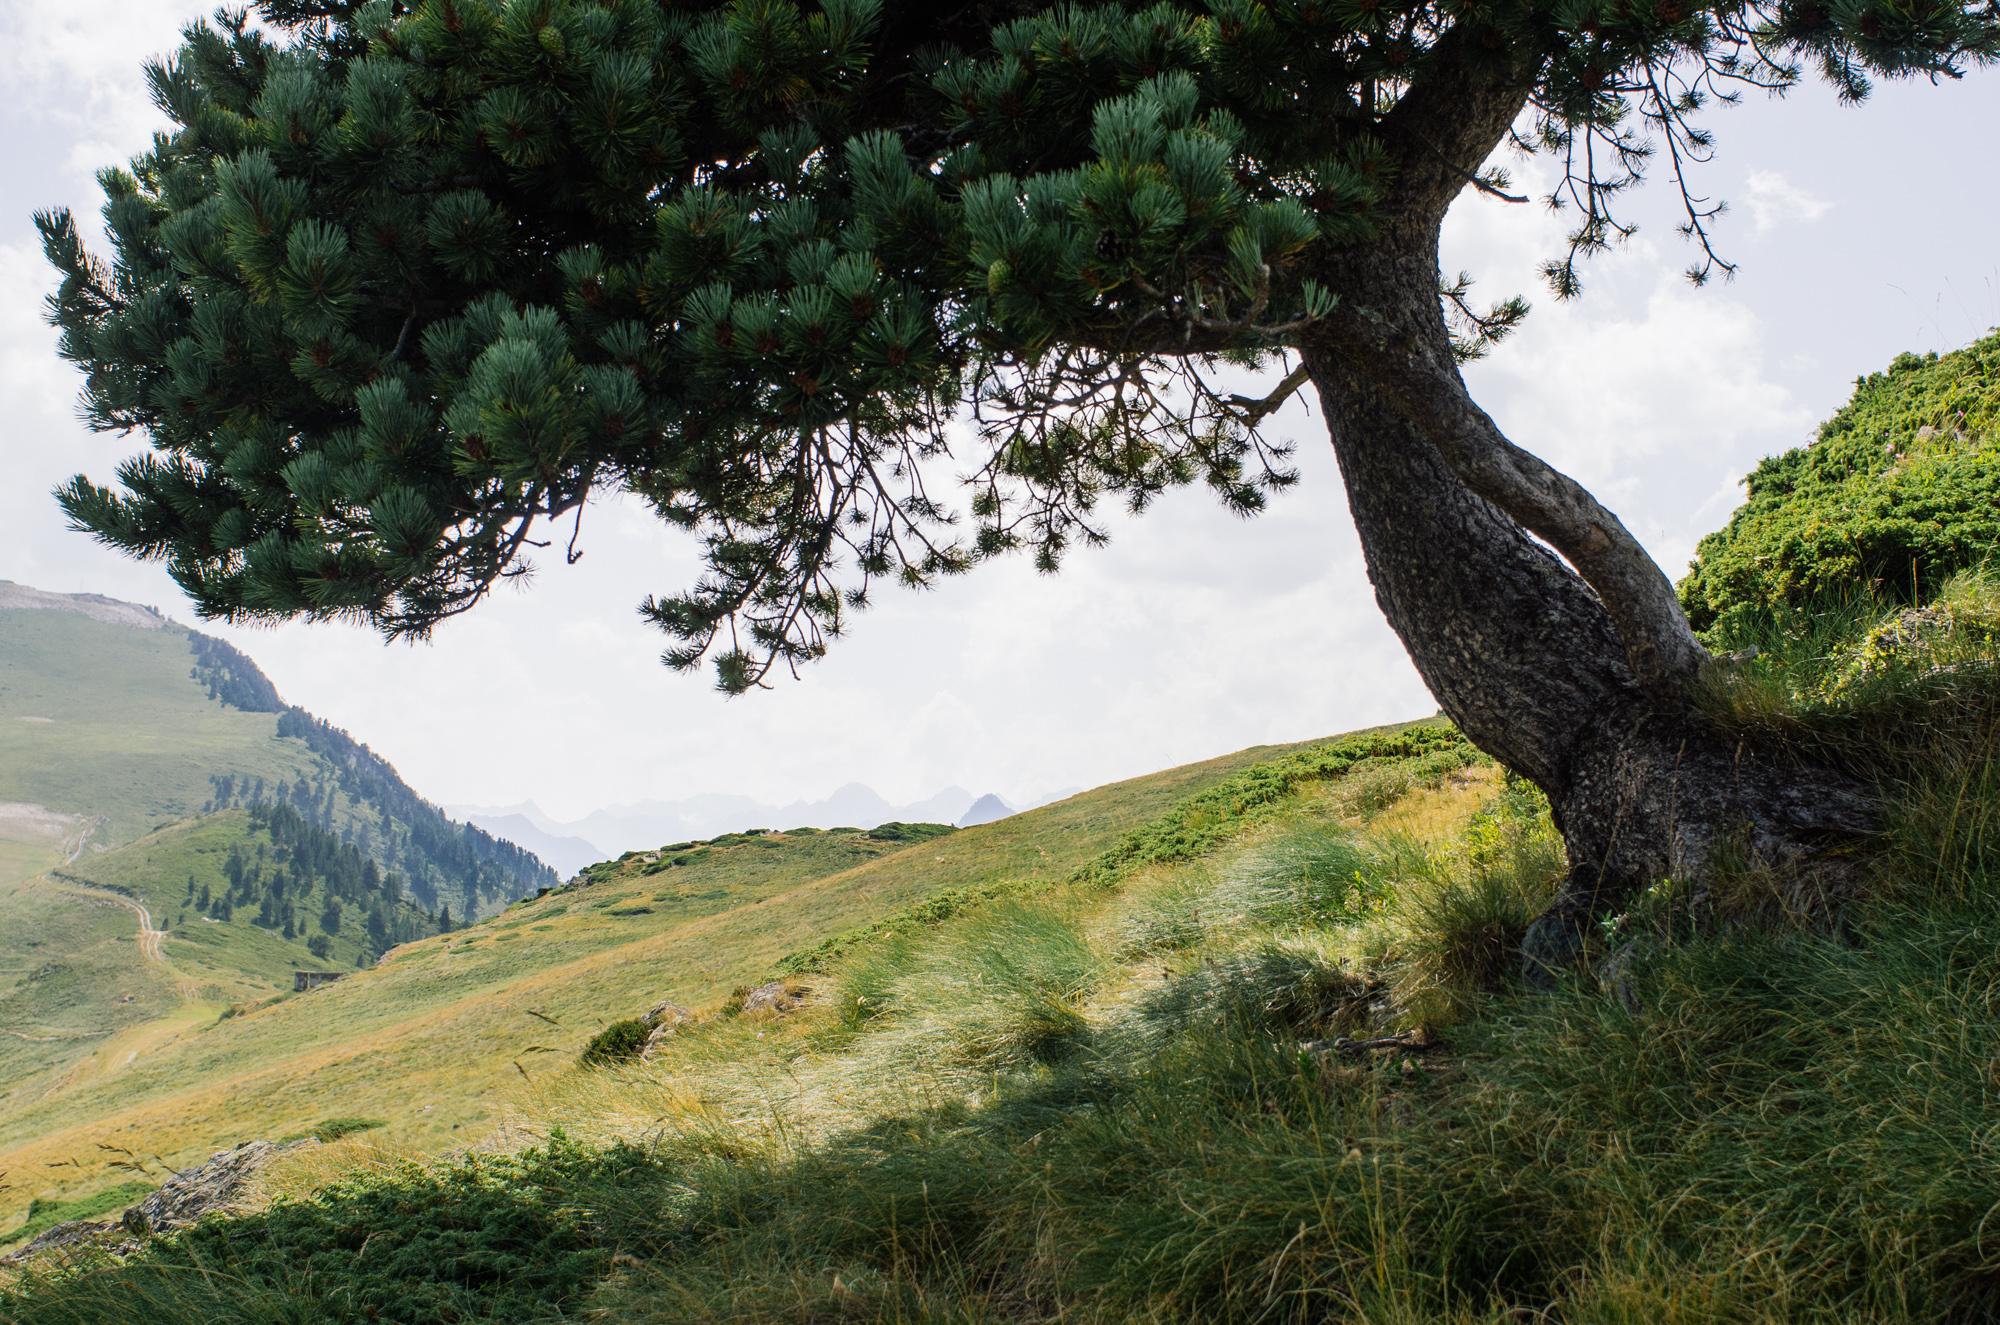 Road-trip en France - Pin des Pyrénées